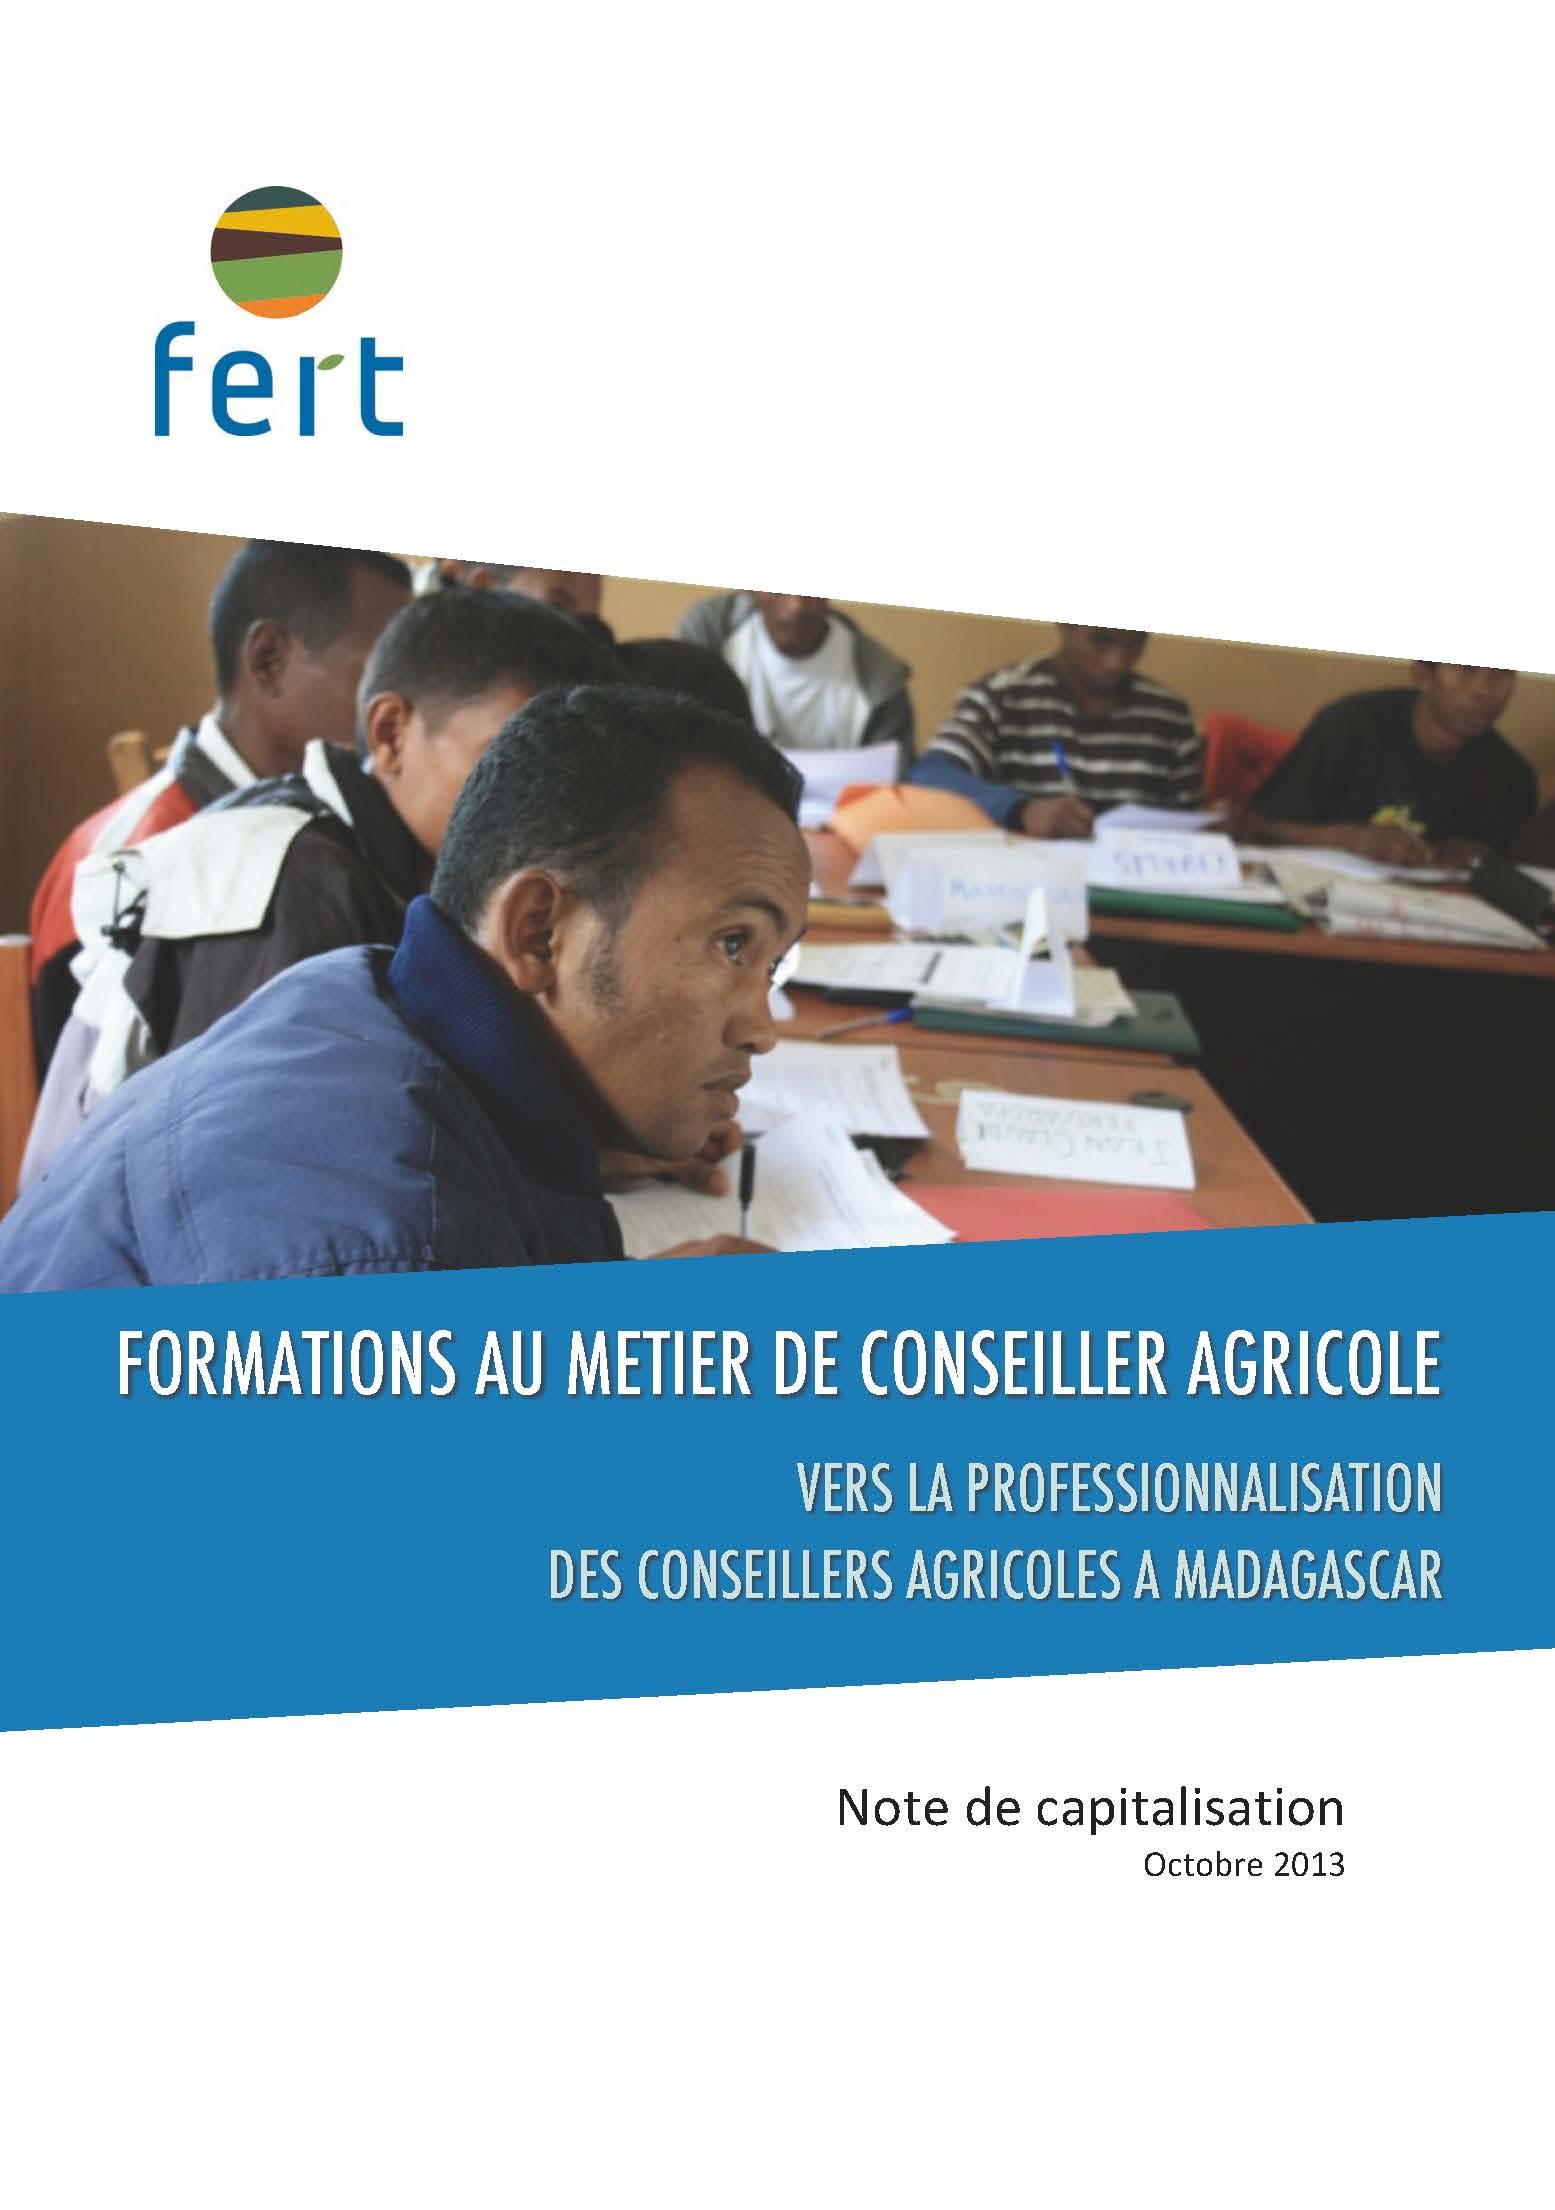 Formations au métier de conseiller agricole vers la professionalisation des conseillers agricoles à Madagascar